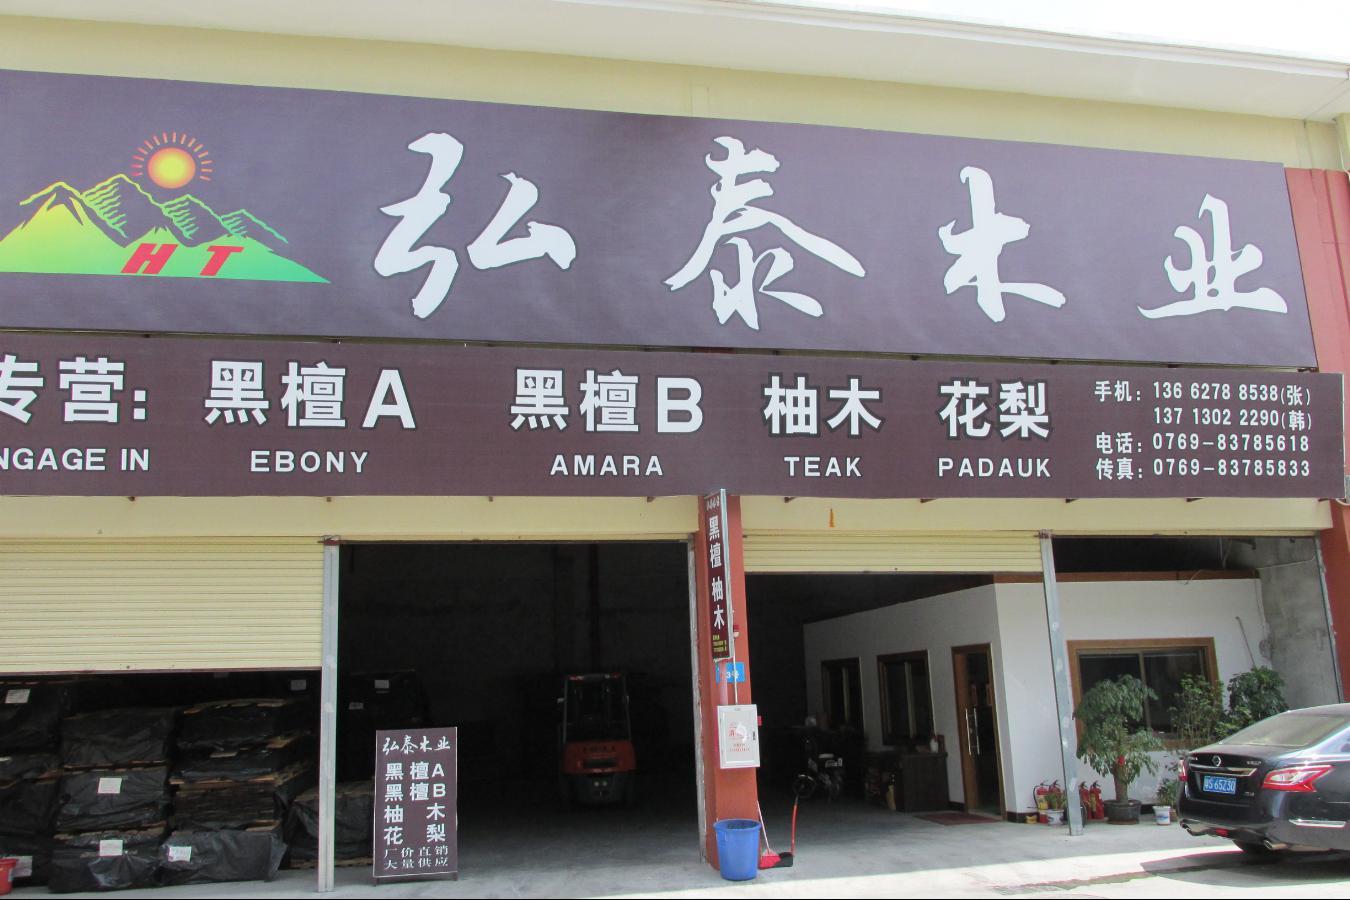 弘泰木业有限公司